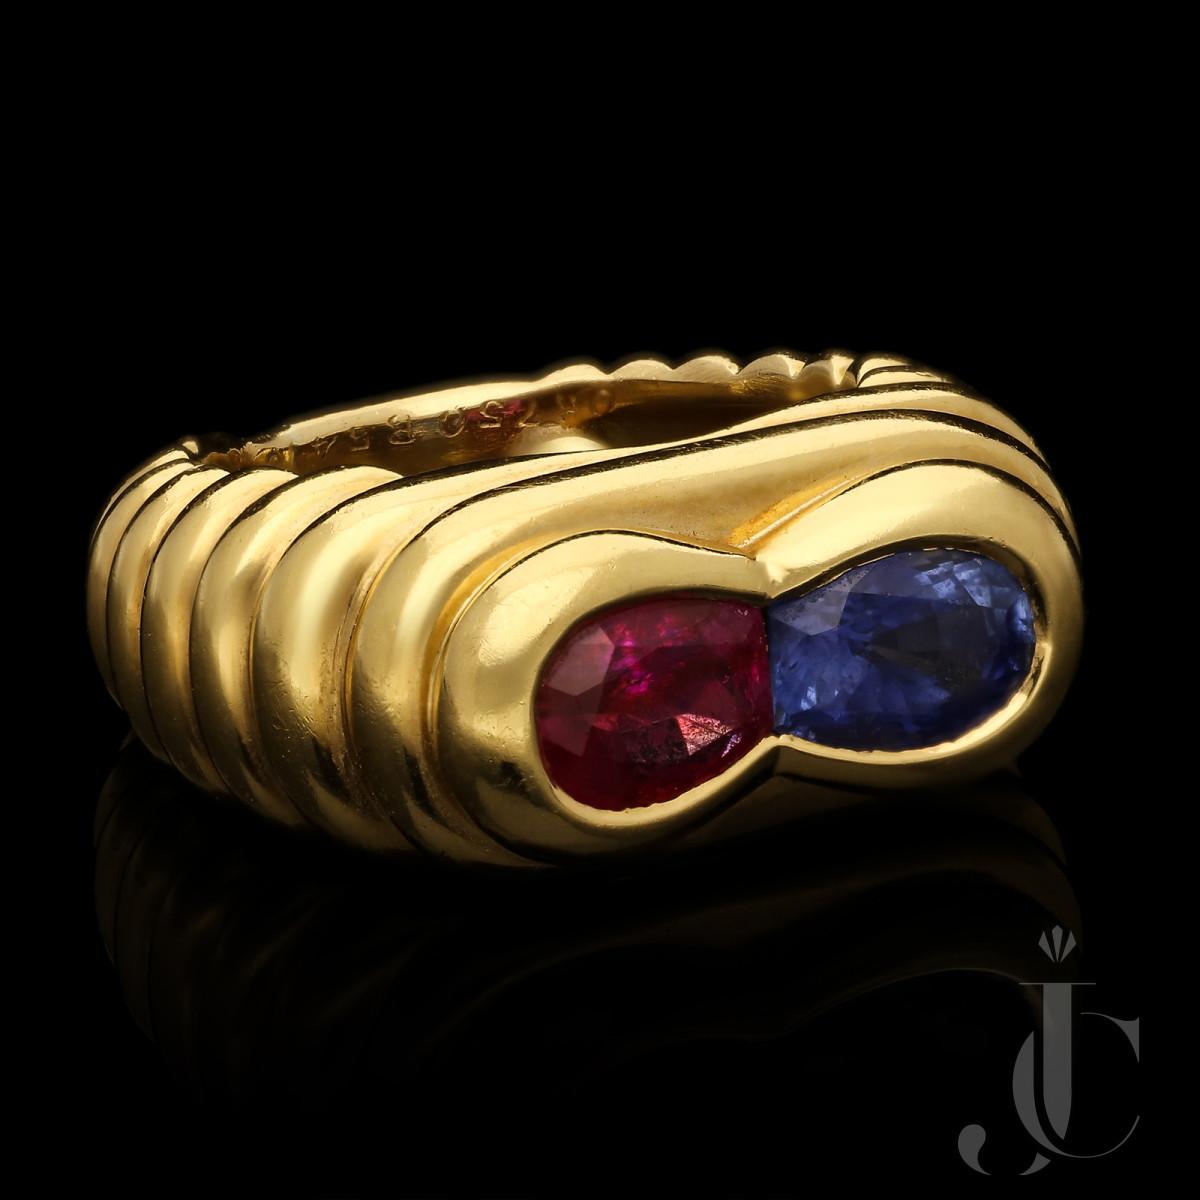 Van Cleef & Arpels Paris- Ruby & Sapphire Ribbed 18ct YG Ring c.1960s